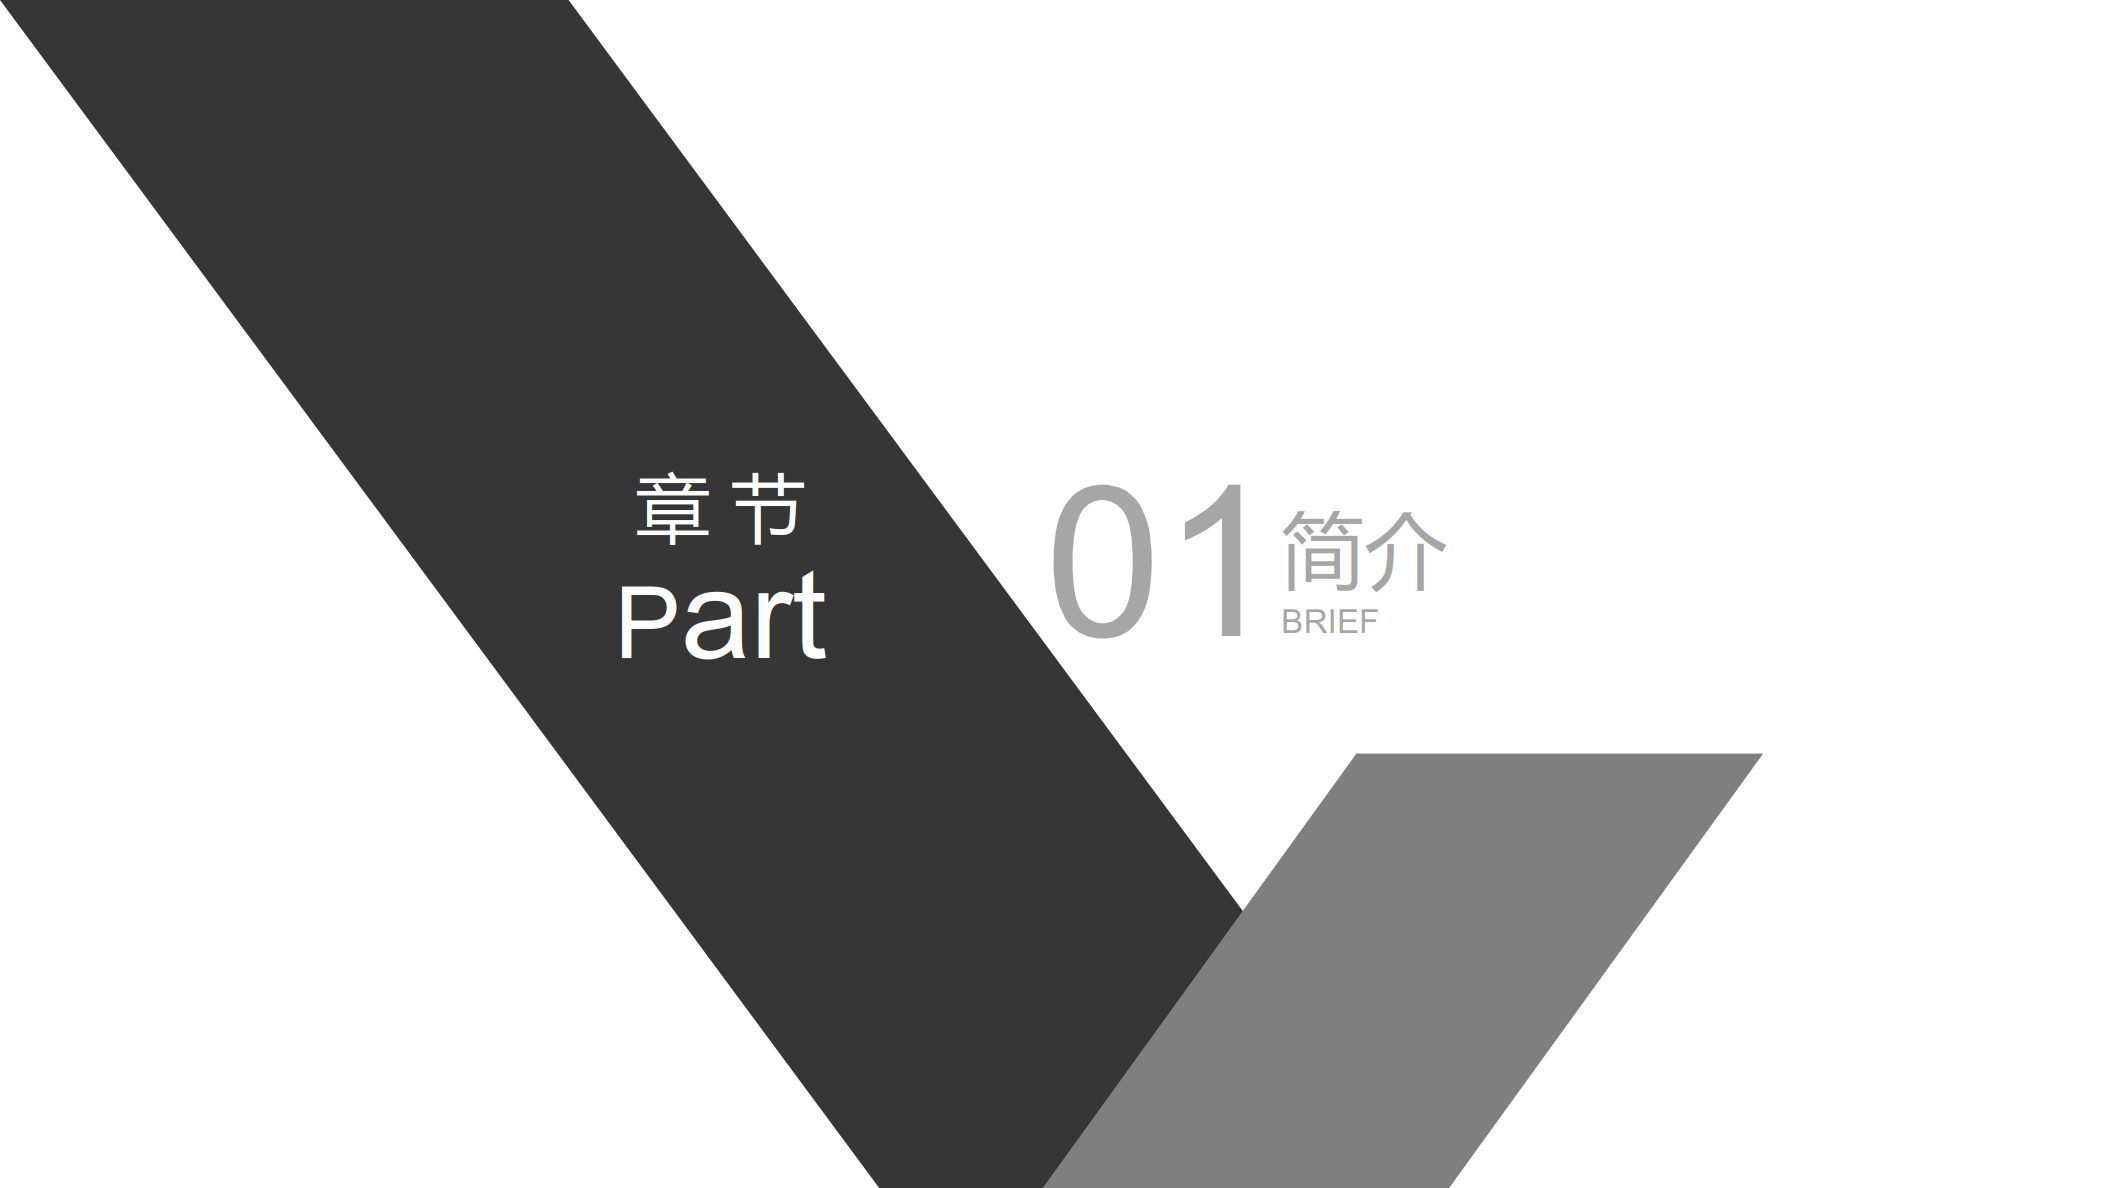 云宝利企业中台简介_3.png